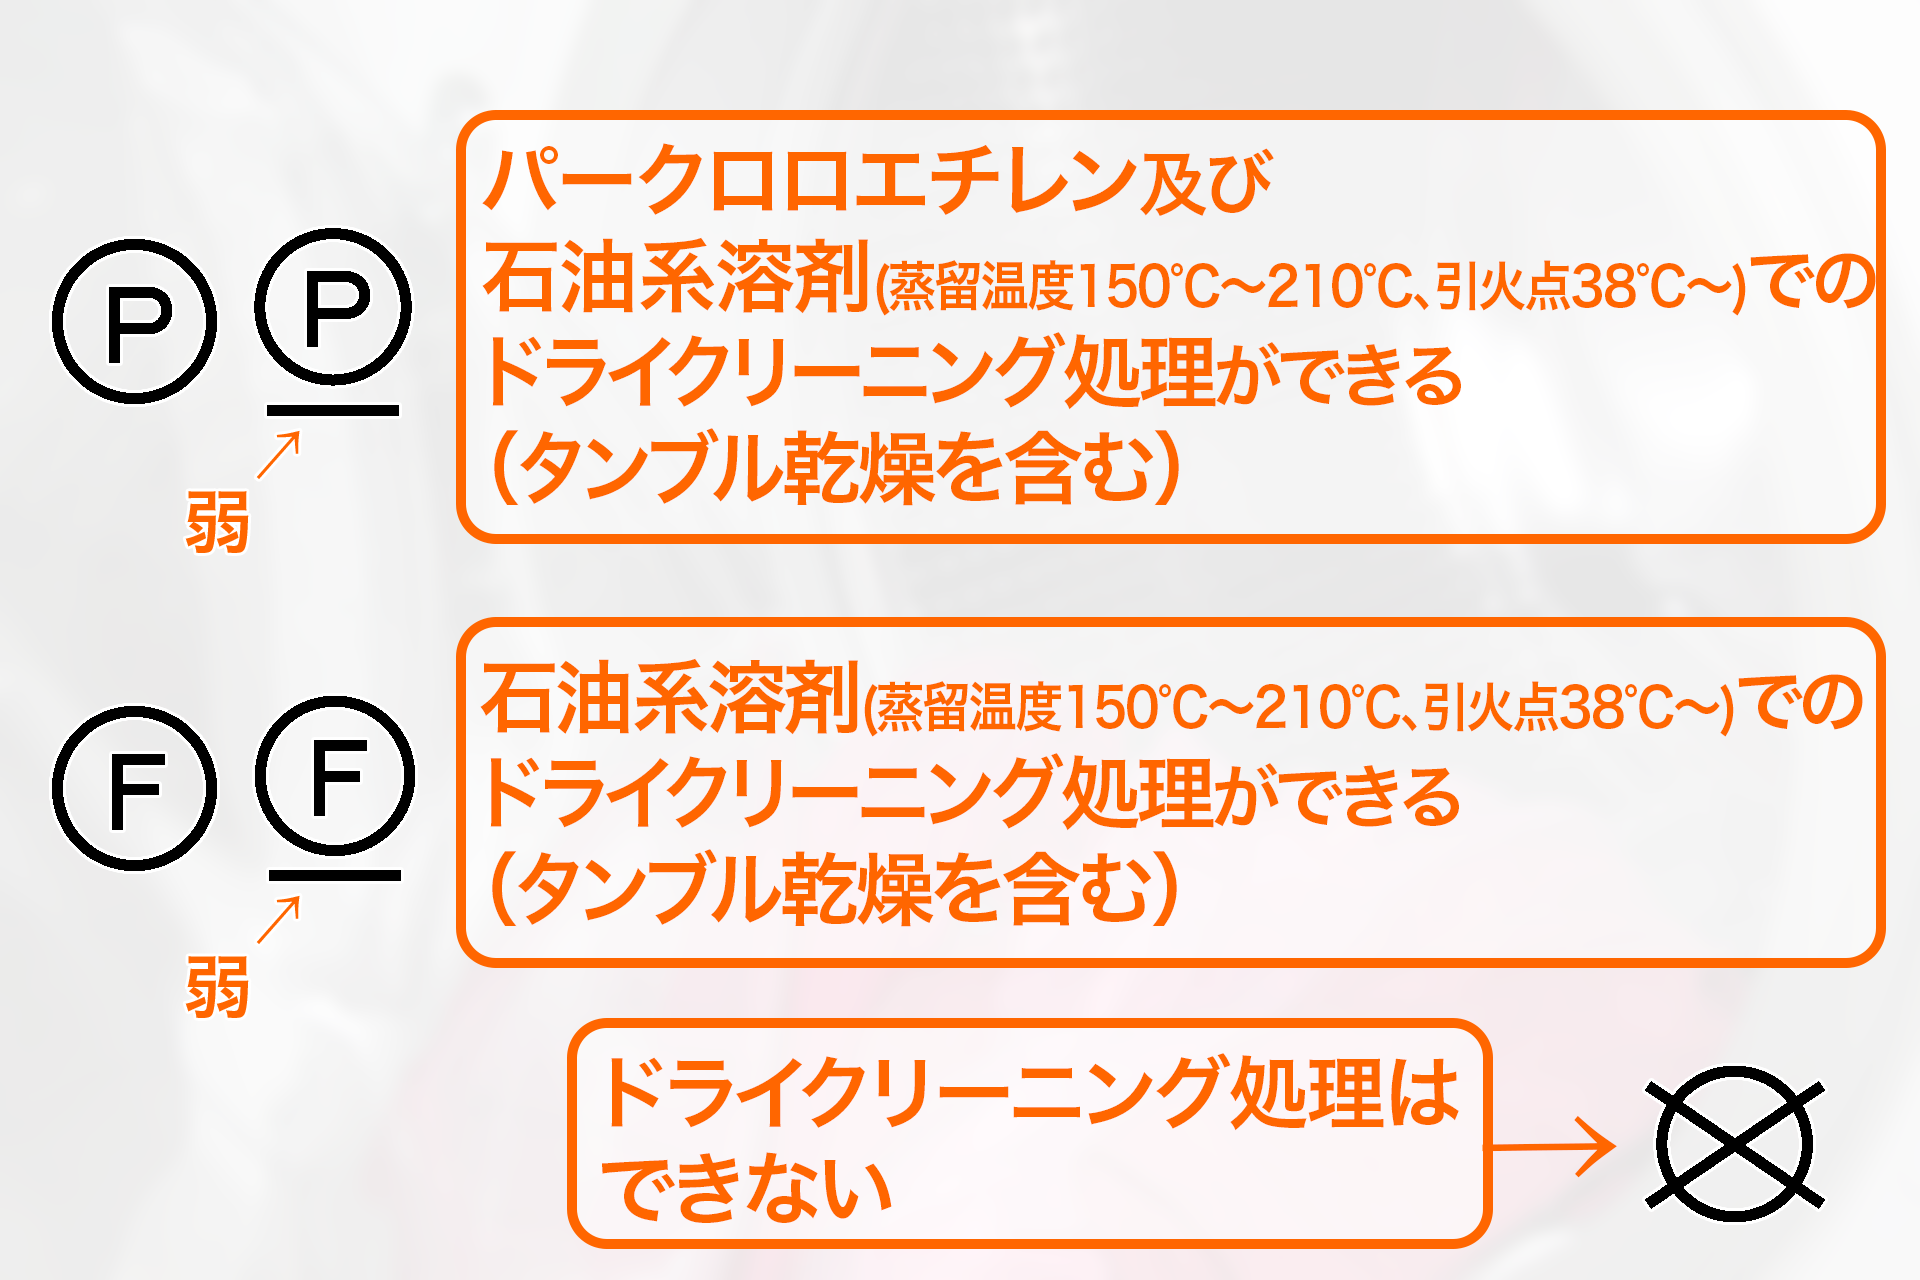 9/29「クリーニングの日」 最新の洗濯表示を知ろう - COIQマガジン